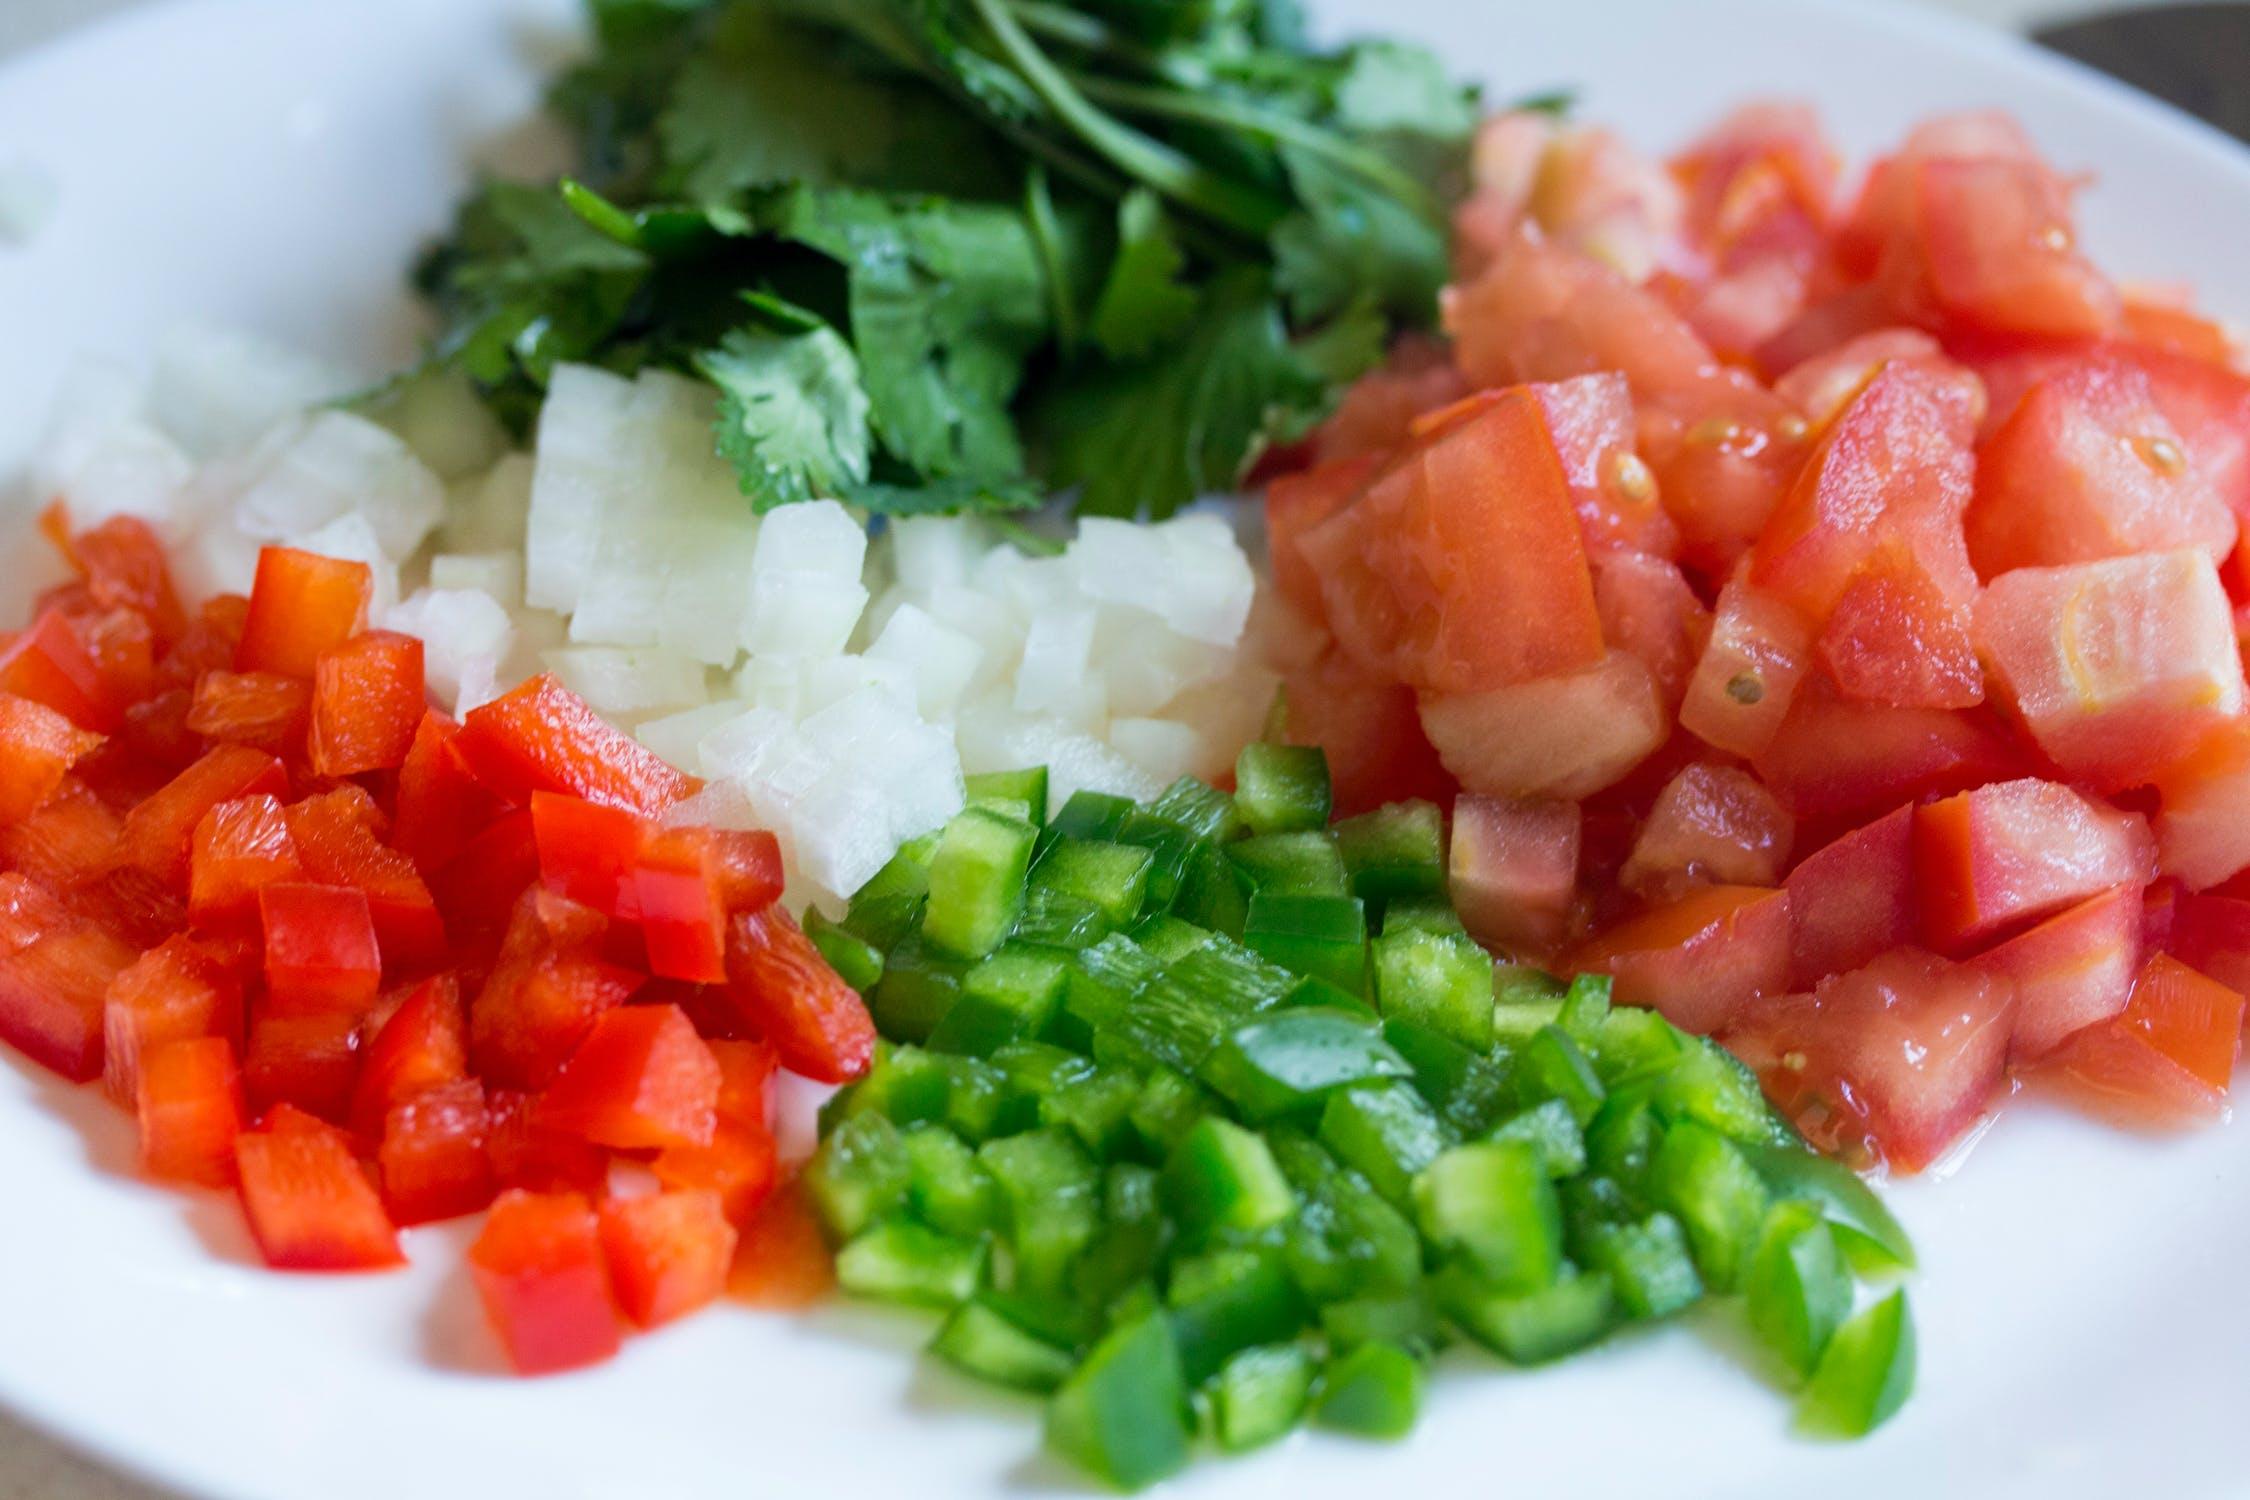 CRISIS – Taco Bell facing an ingredient shortage